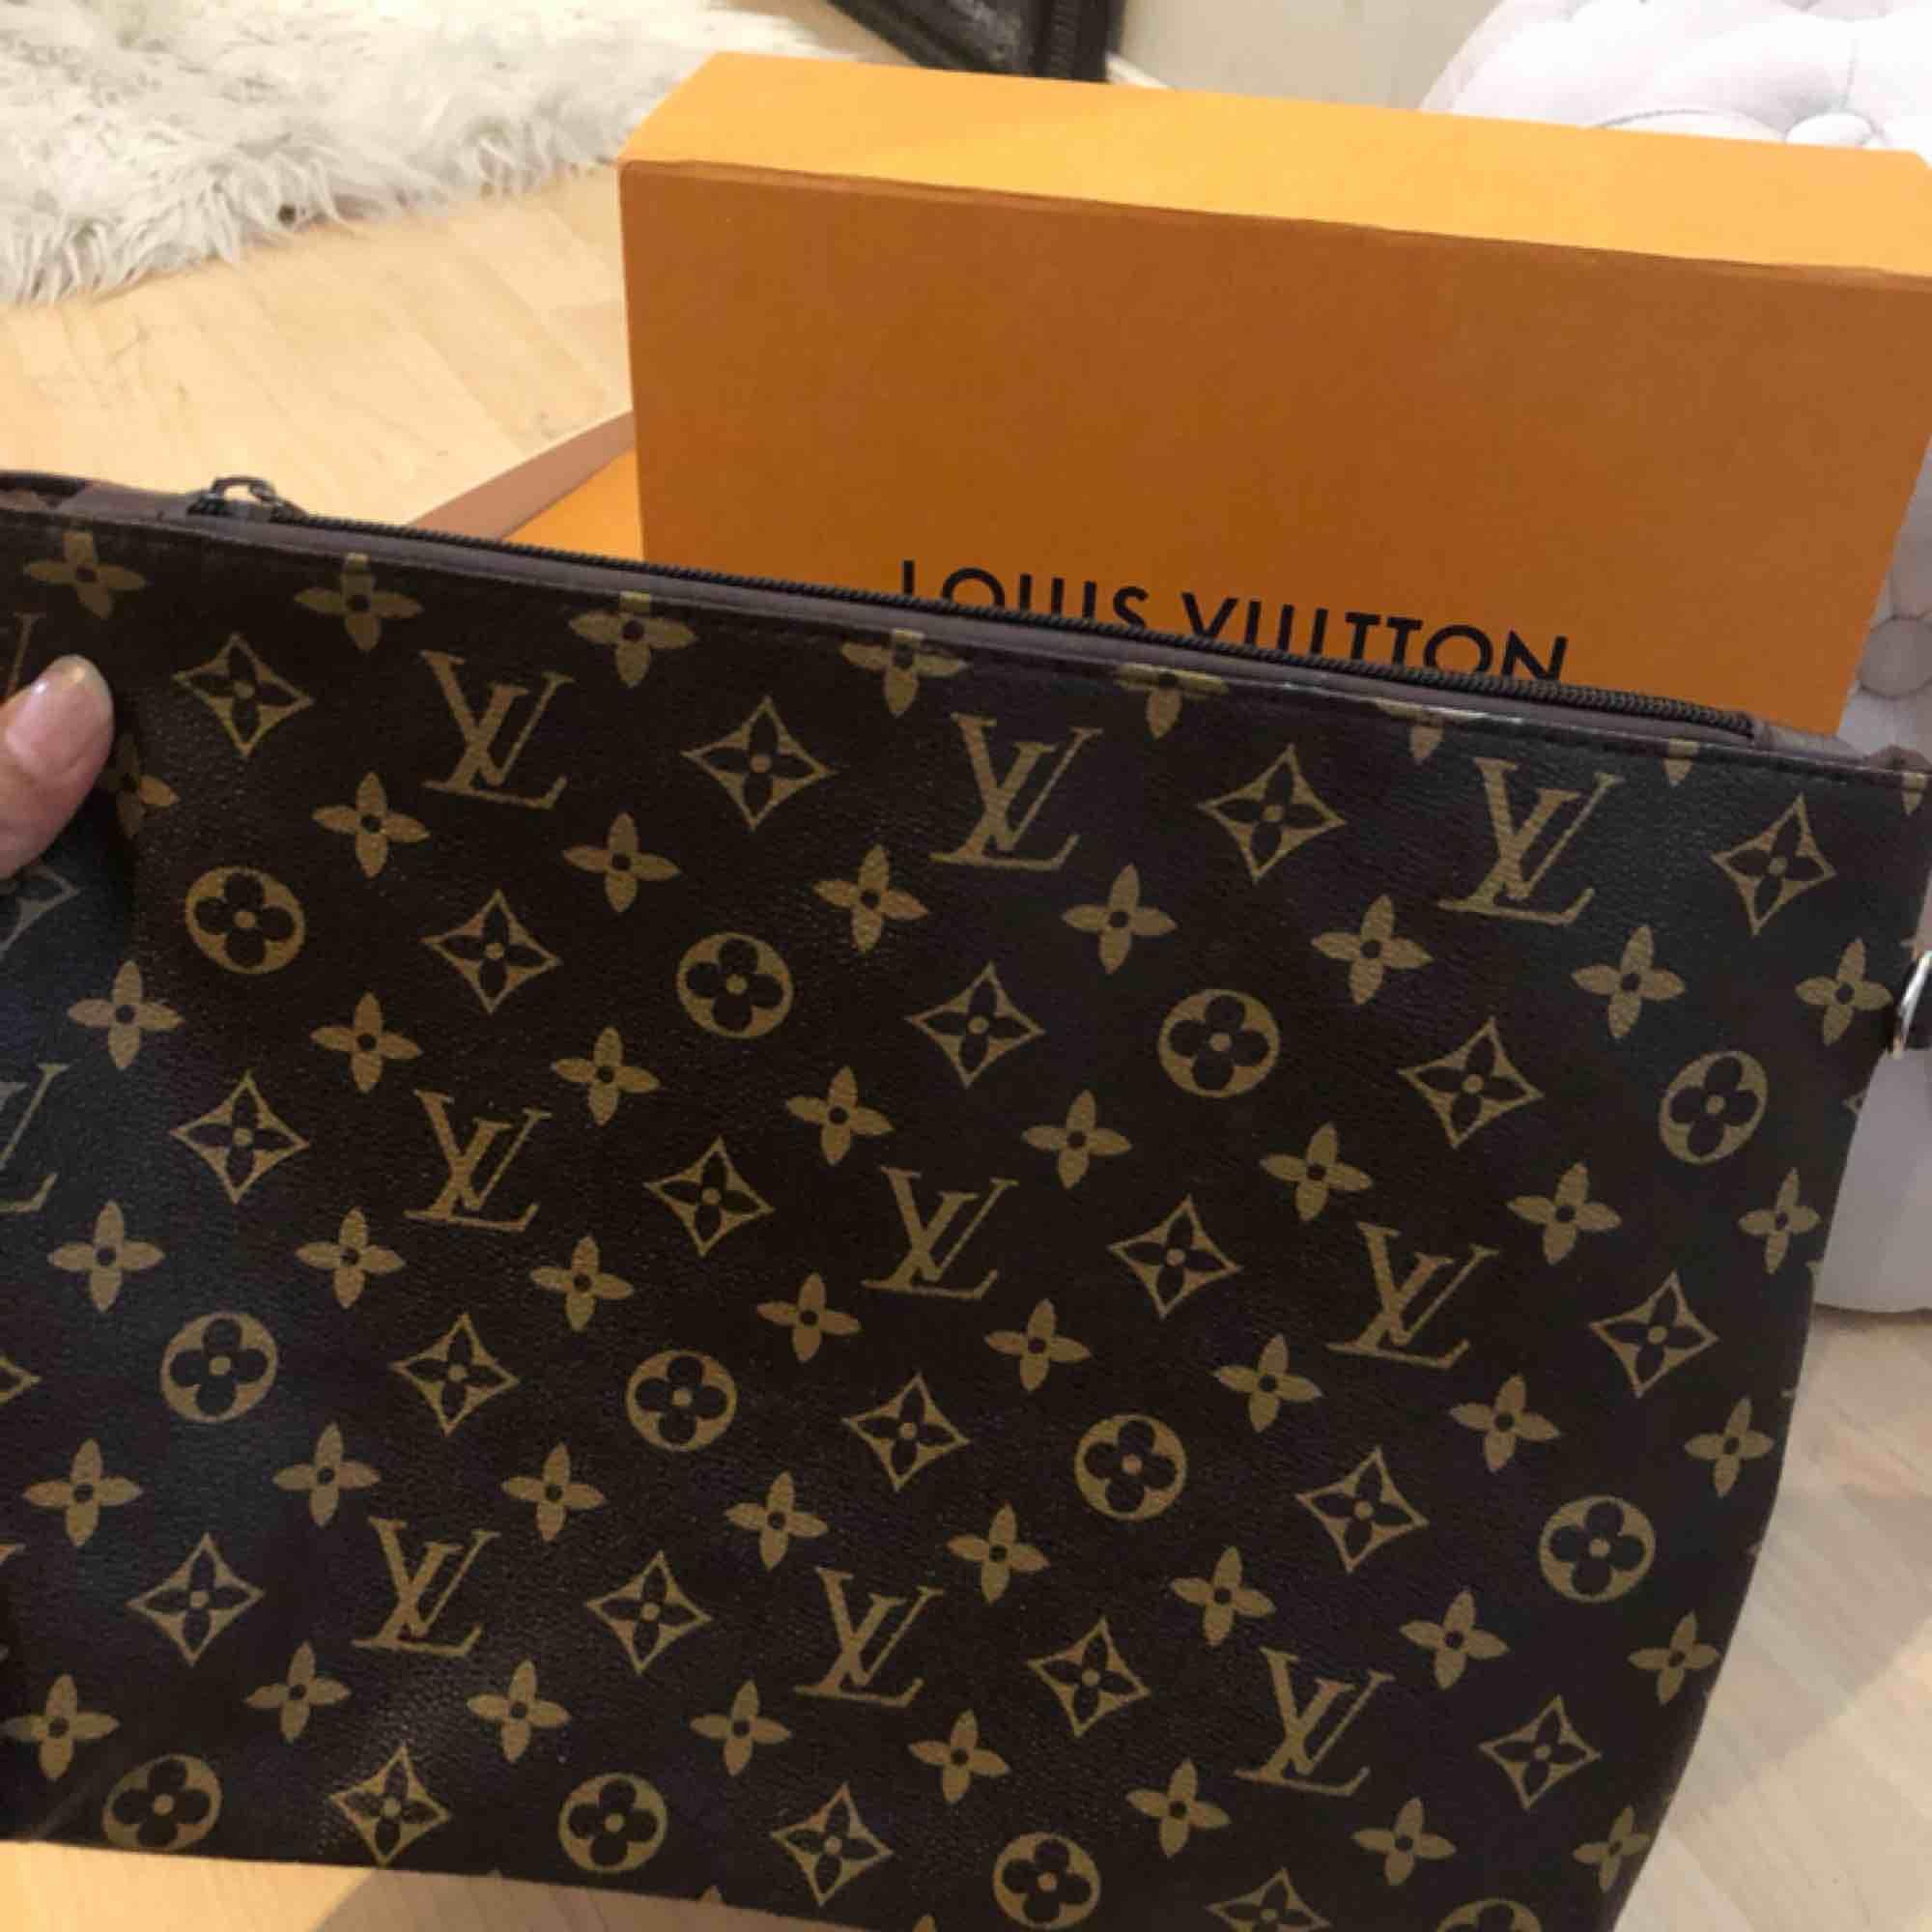 Louis Vuitton clutch (stora modellen) . Väskor.